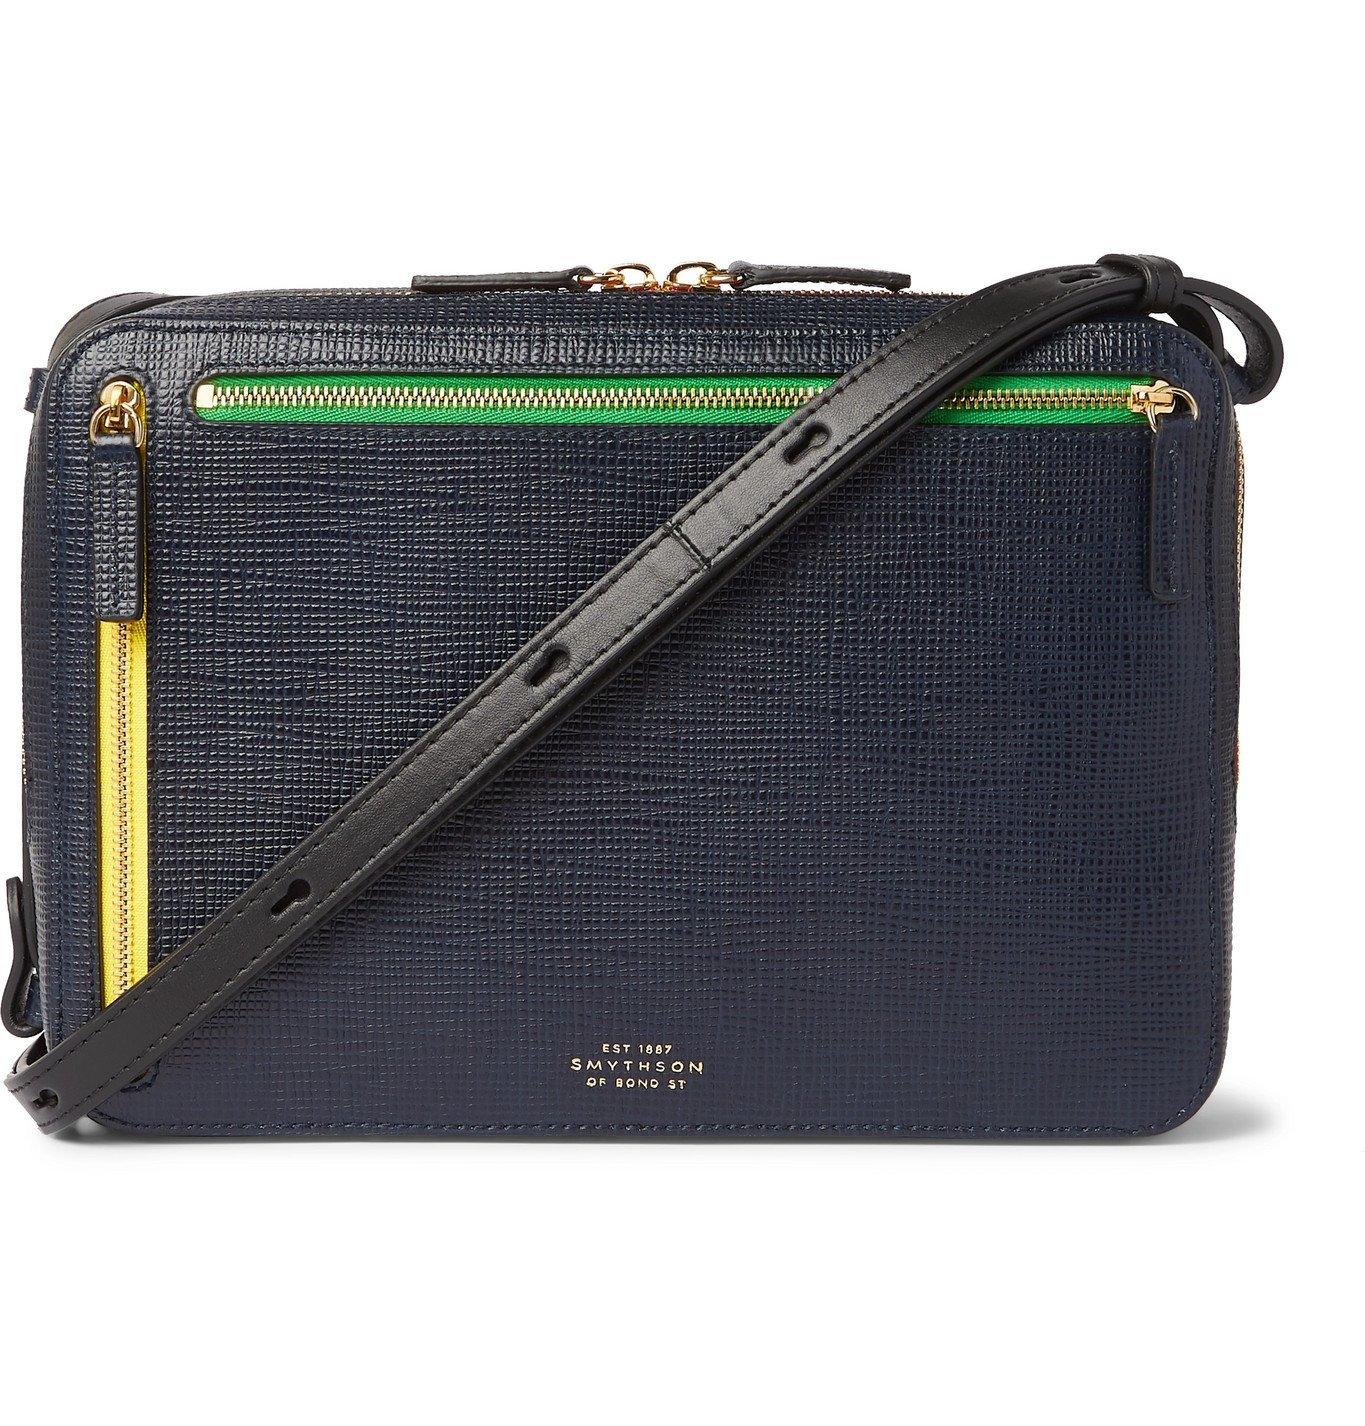 Smythson - Cross-Grain Leather Messenger Bag - Blue